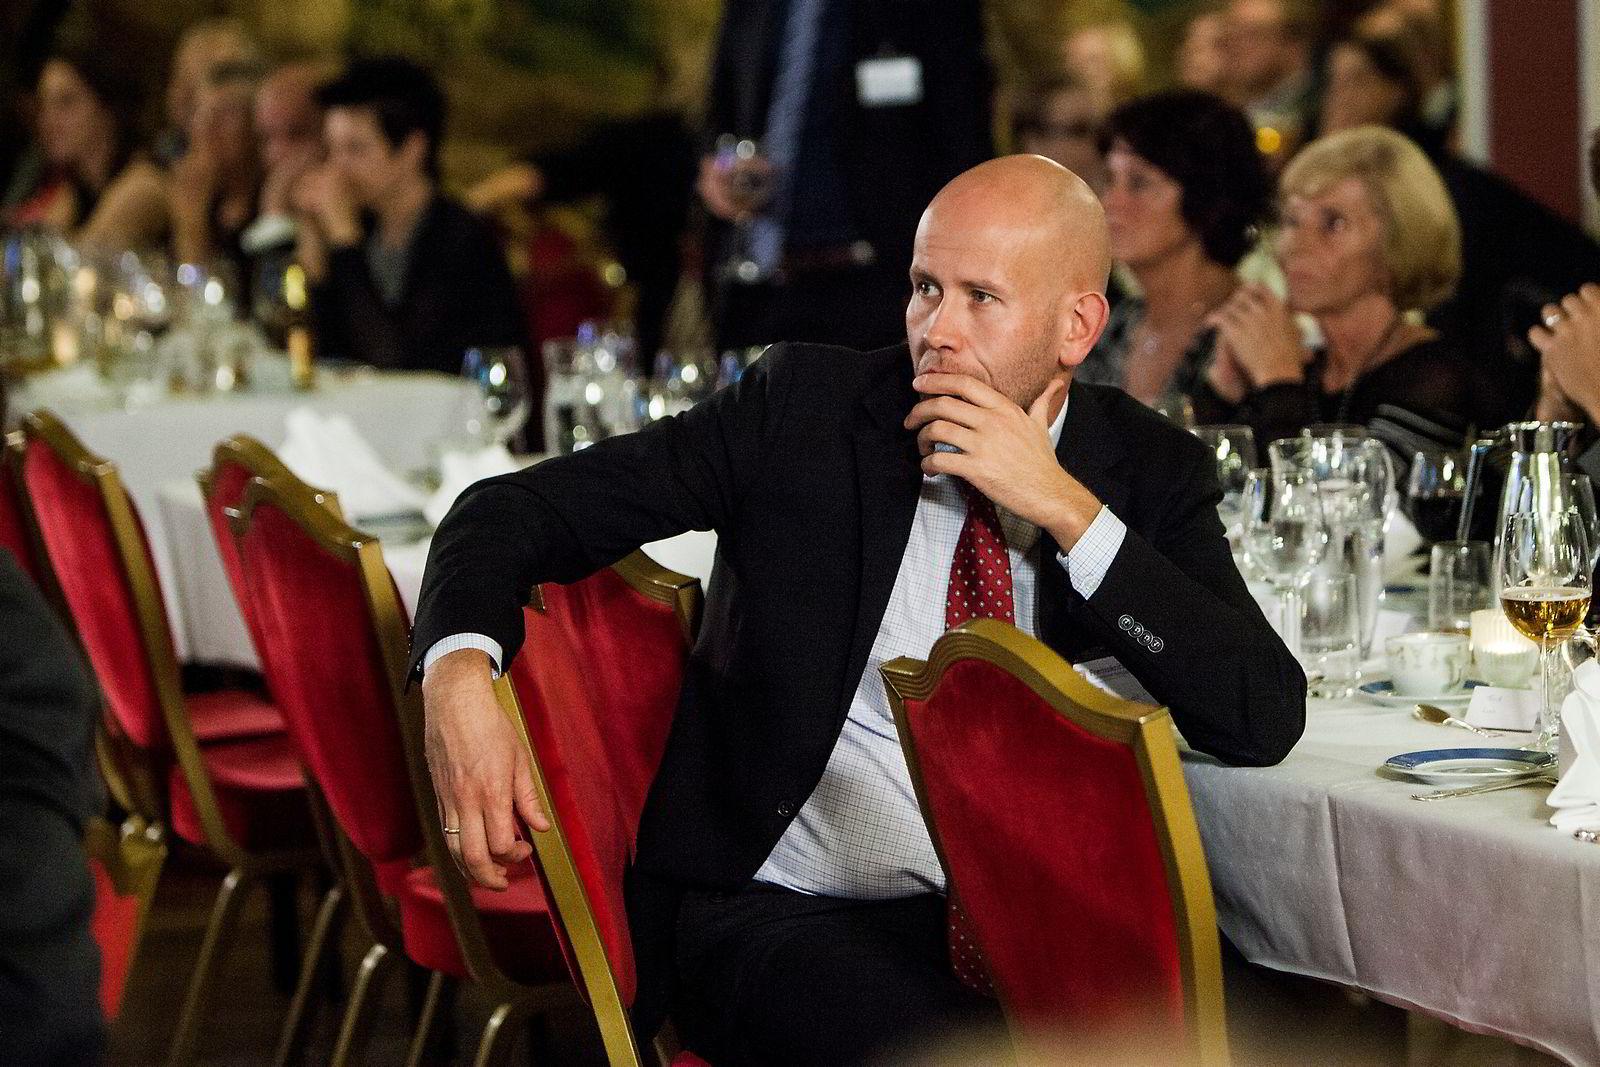 Olje- og energiminister Tord Lien (frp) følger spent med på de første målingene på frp valgvake på grand hotell.